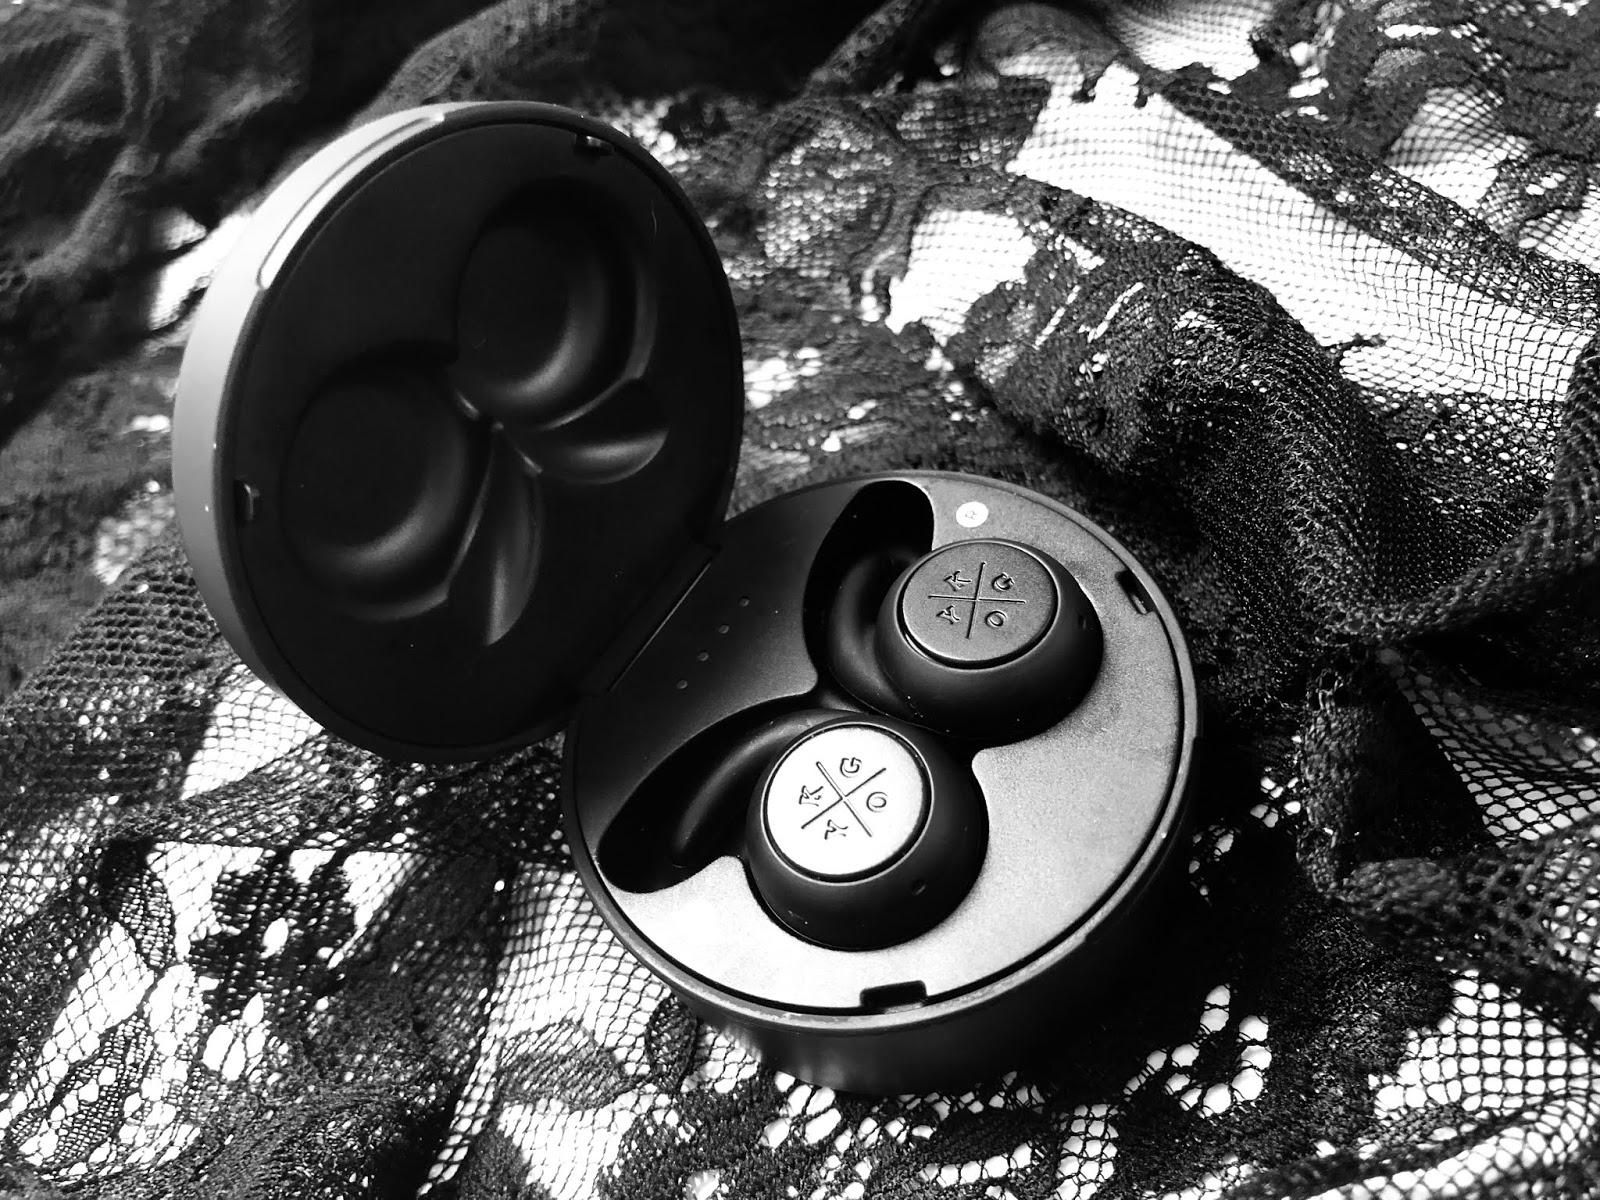 kygo earphones